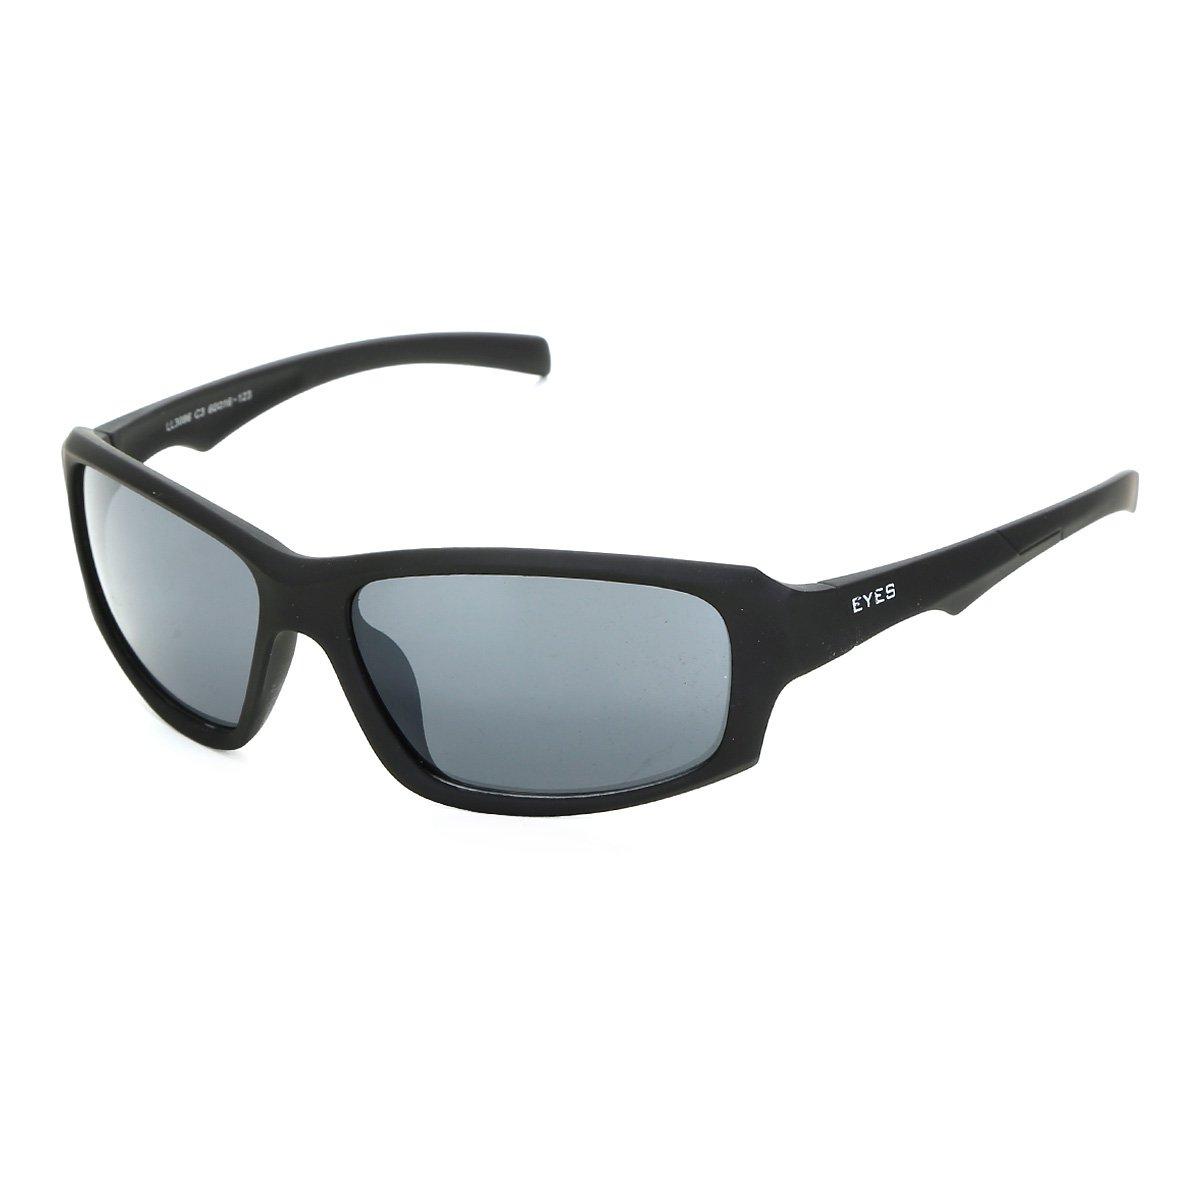 135fc8878 Óculos de Sol Eyes Emborrachado LL3086 Masculino